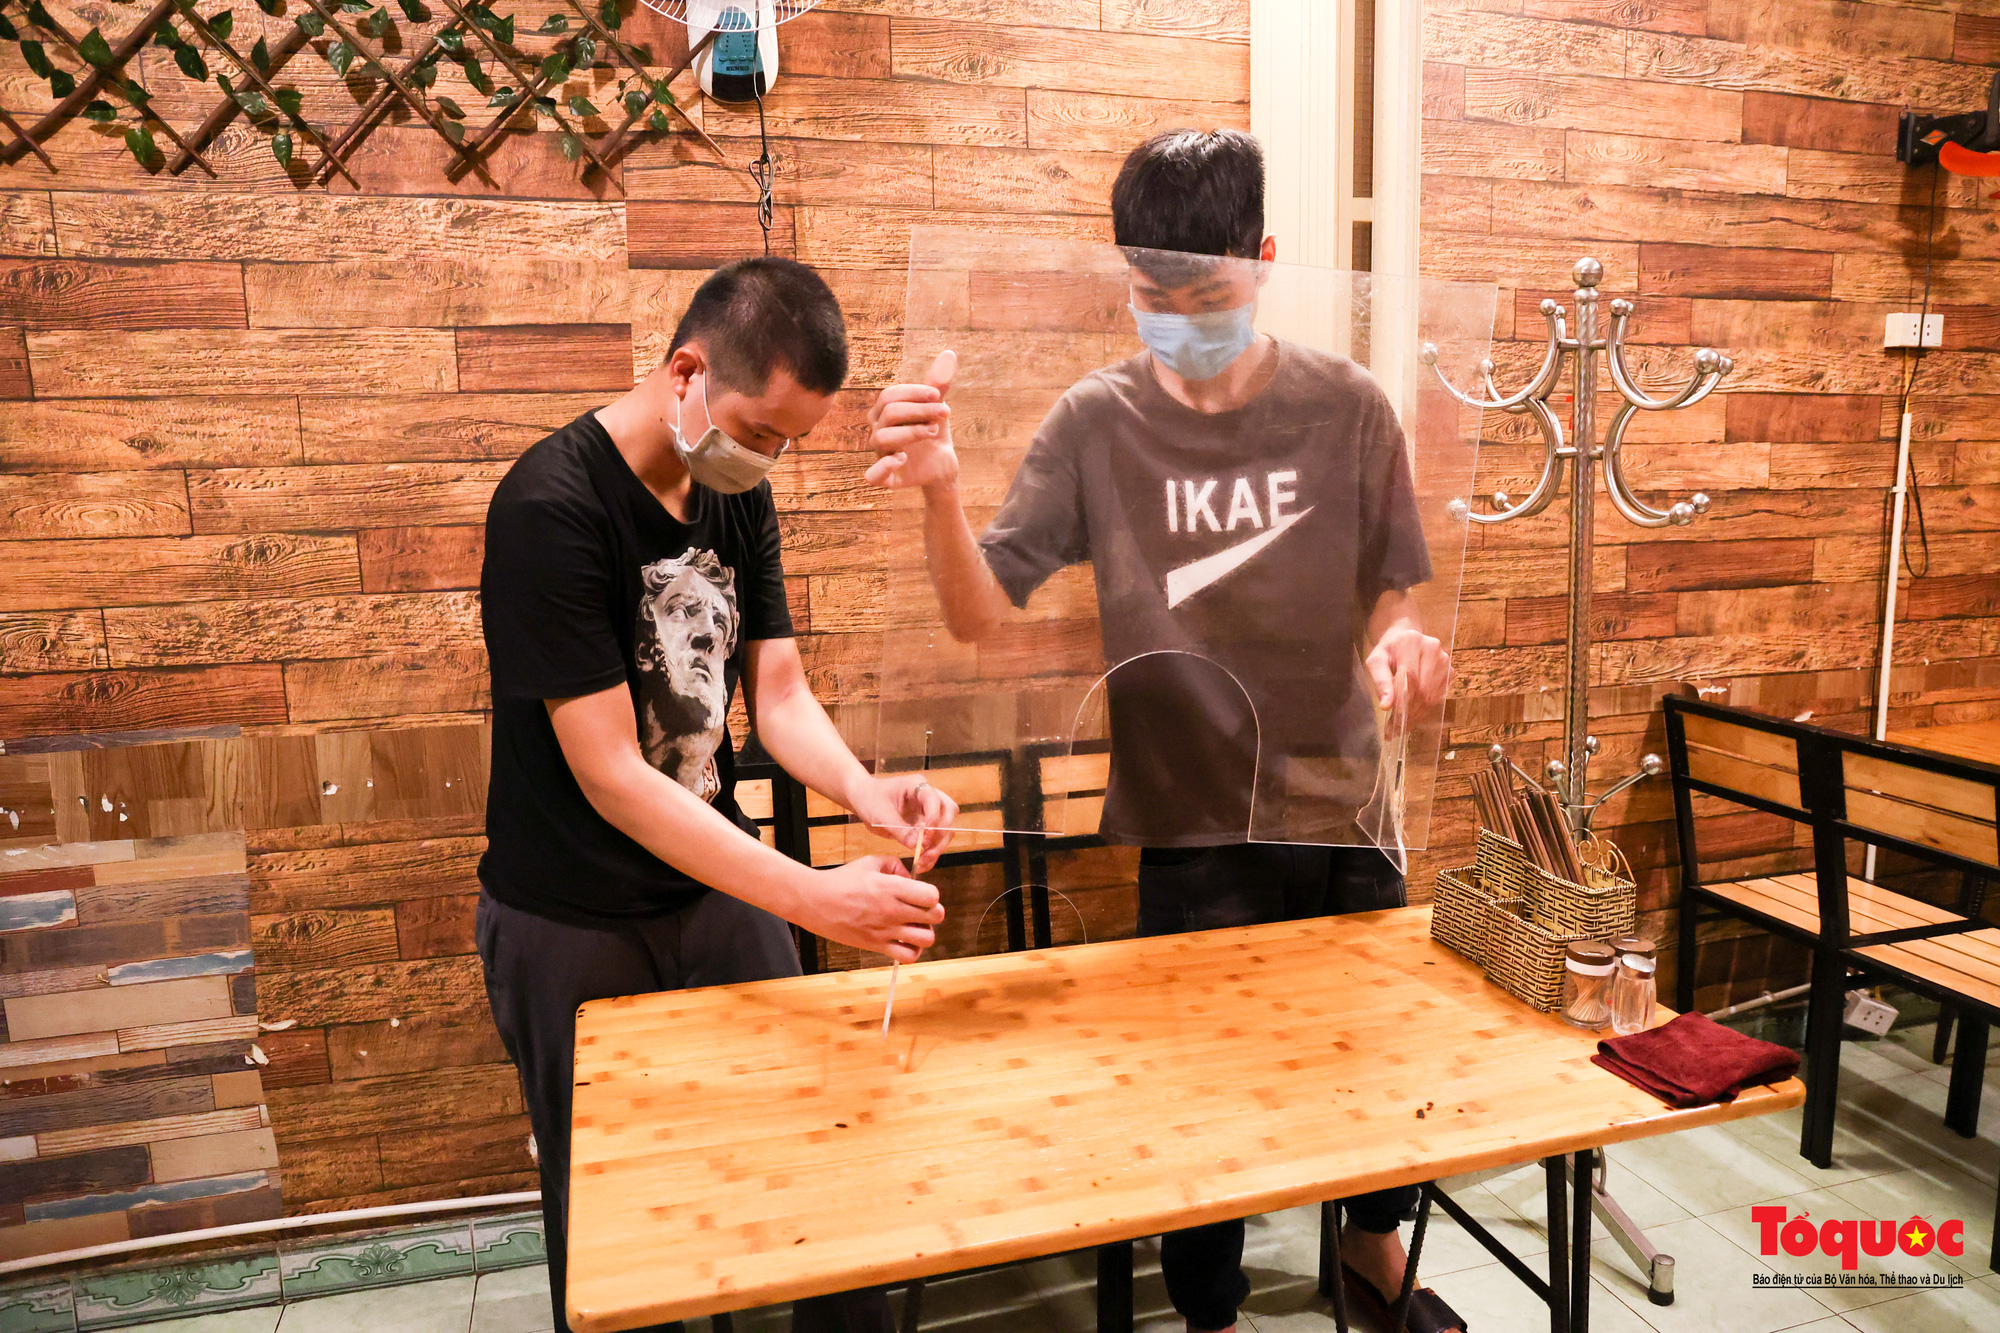 Người Hà Nội dạy sớm thưởng thức đặc sản thủ đô ngay khi hàng quán được bán hàng tại chỗ - Ảnh 13.